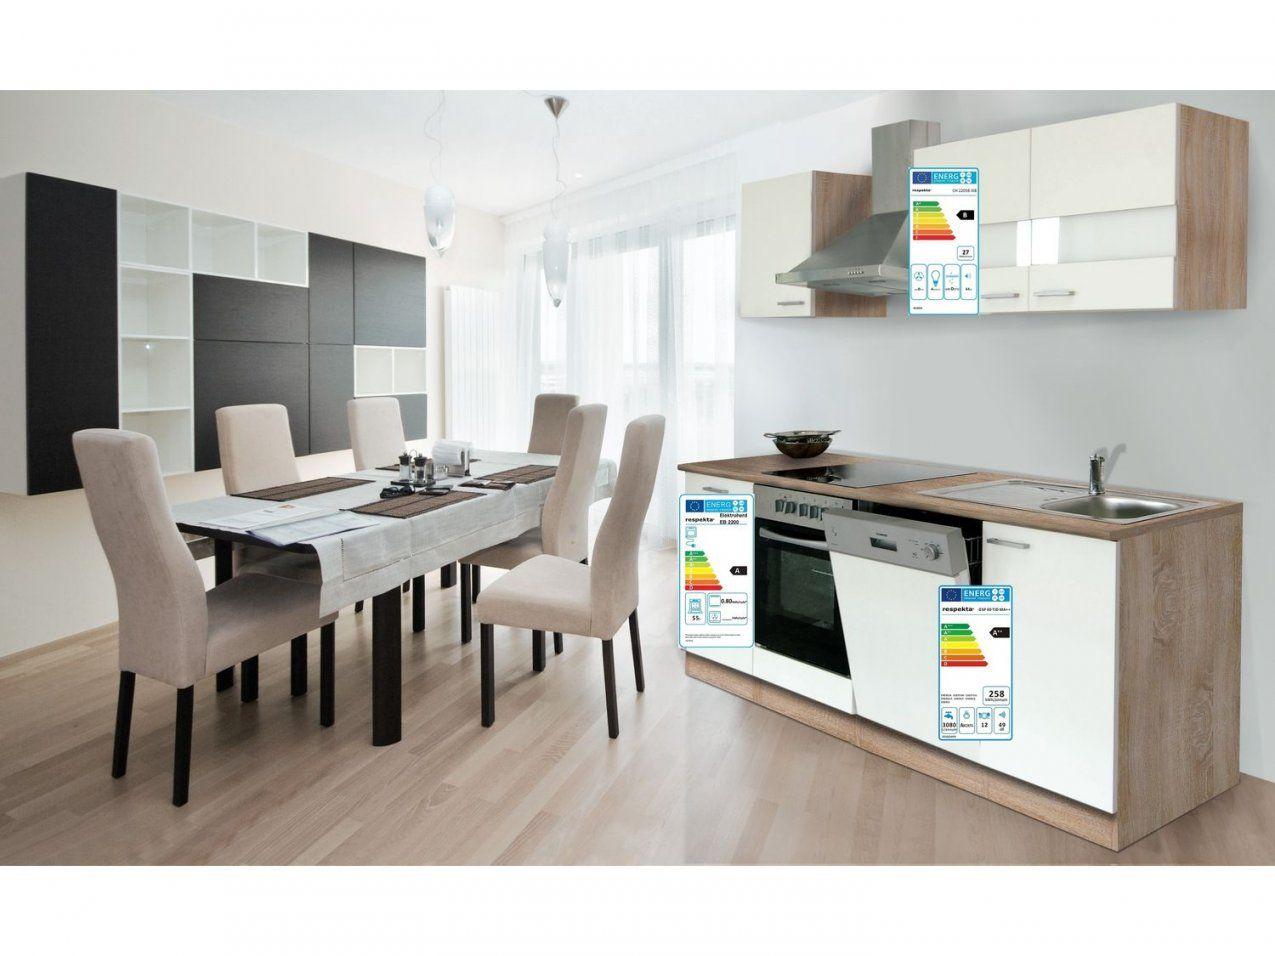 Respekta Küchenzeile Eiche Sonoma Sägerau  In Zwei Farben Und von Küchenzeile Mit Geschirrspüler Ohne Kühlschrank Bild